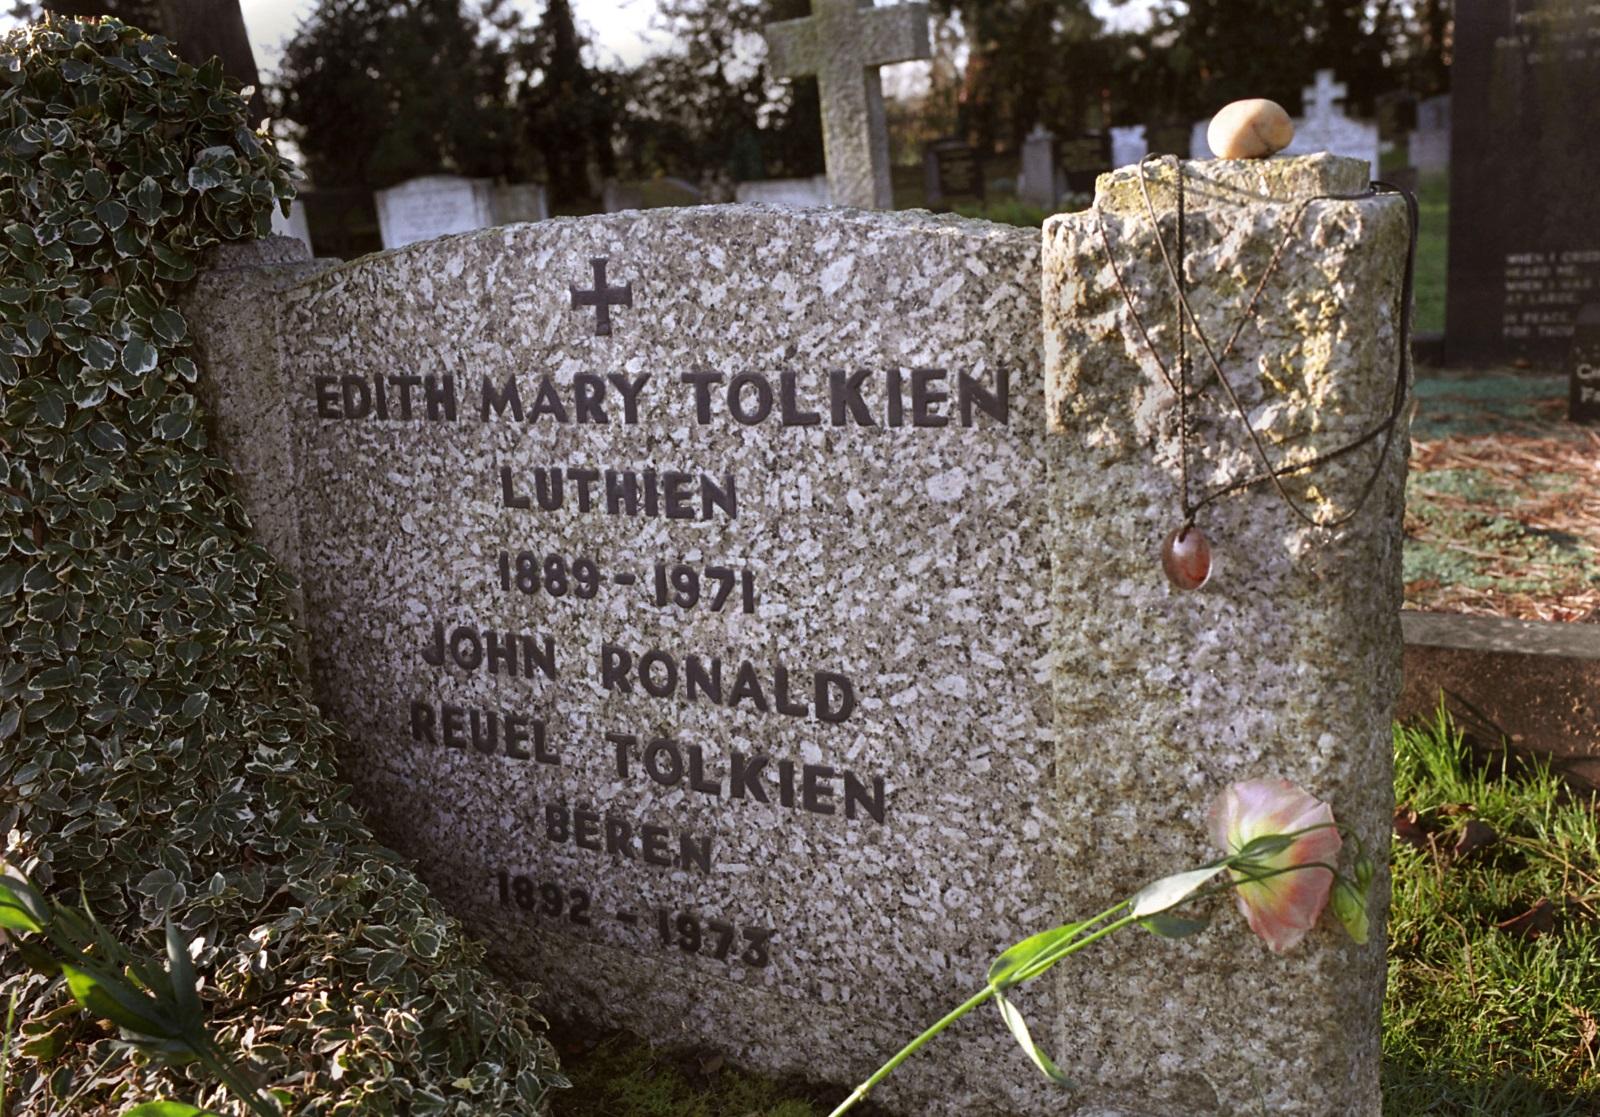 """Но този жанр може би не би съществувал, ако не беше хобито на Толкин да си измисля езици. Самият той споделя, че е написал """"Властелинът на пръстените"""", за да докаже, че не си е губил времето в измисляне на нов език."""